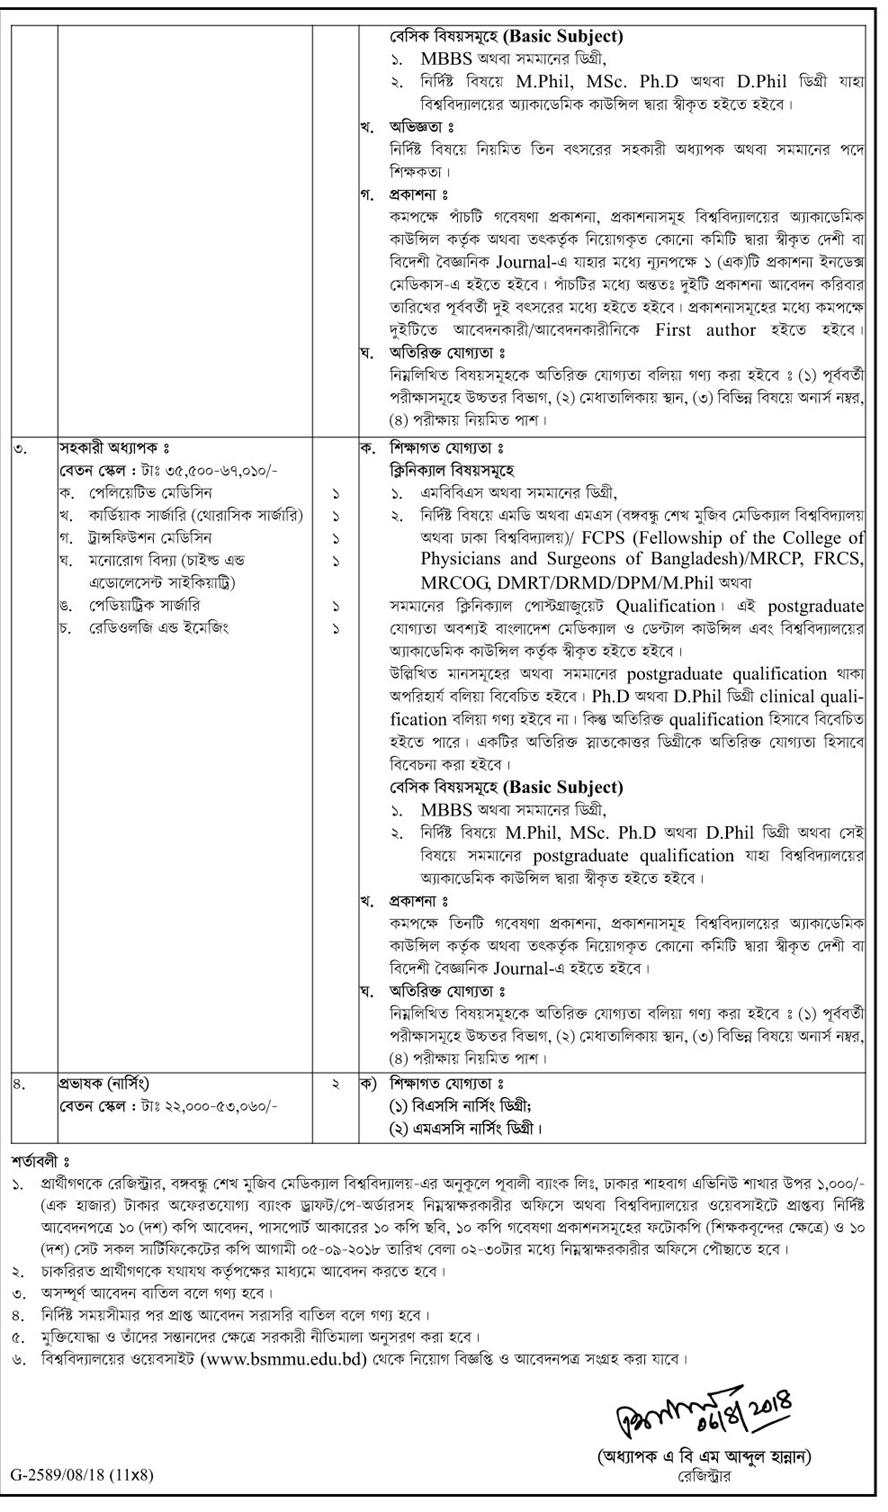 Bangabandhu Sheikh Mujib Medical University (BSMMU) Job Circular 2018 Job Circular 2018